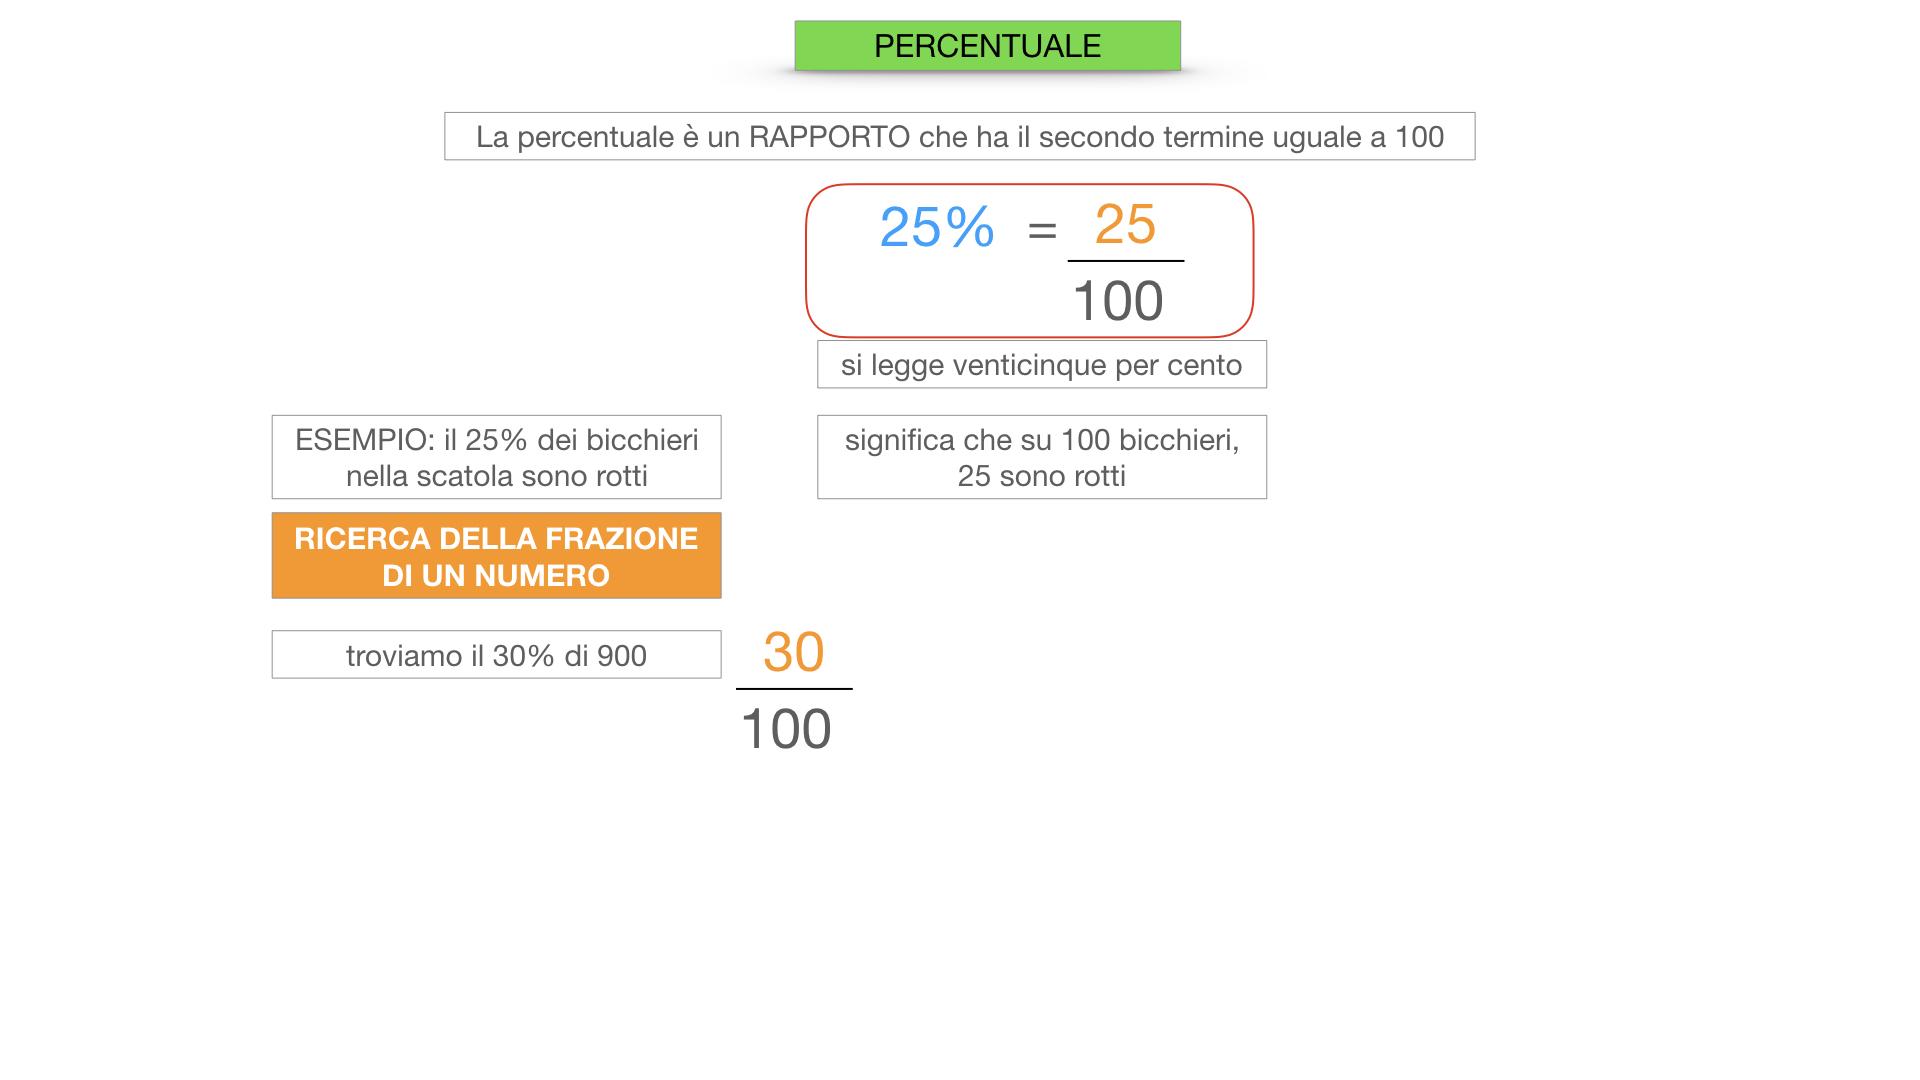 PERCENTUALE_SIMULAZIONE.010